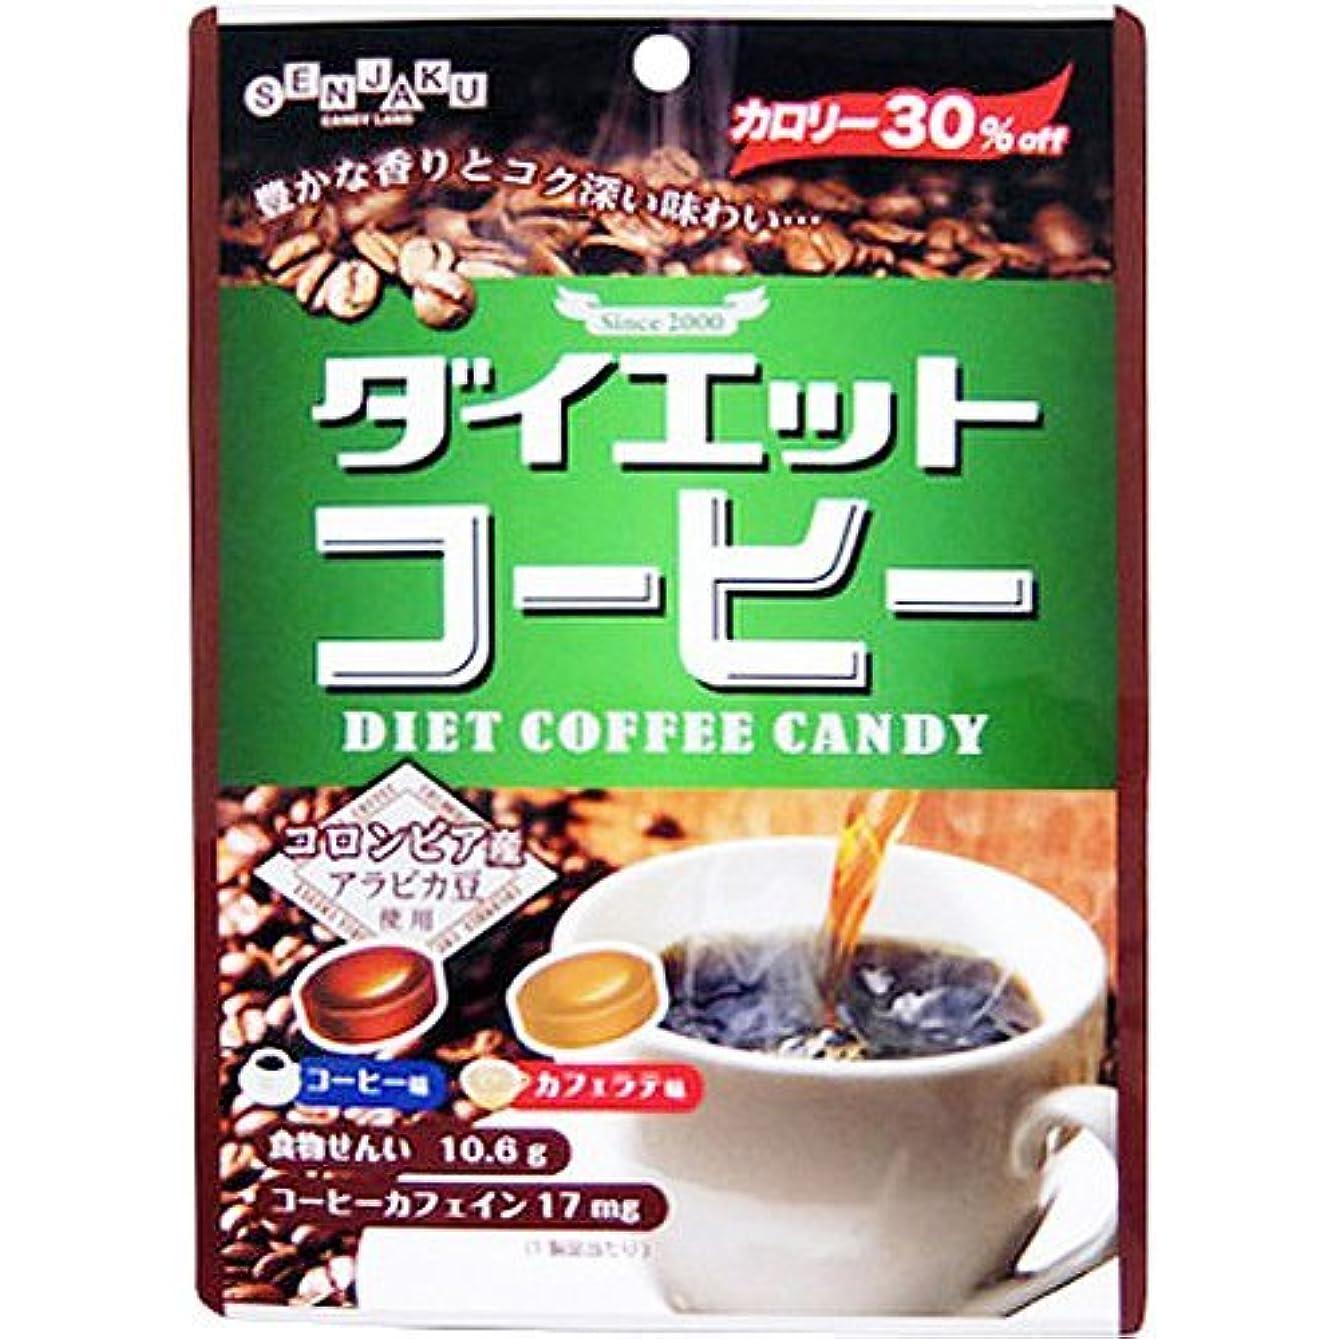 旋律的市長ますます扇雀飴本舗 ダイエットコーヒー 80g